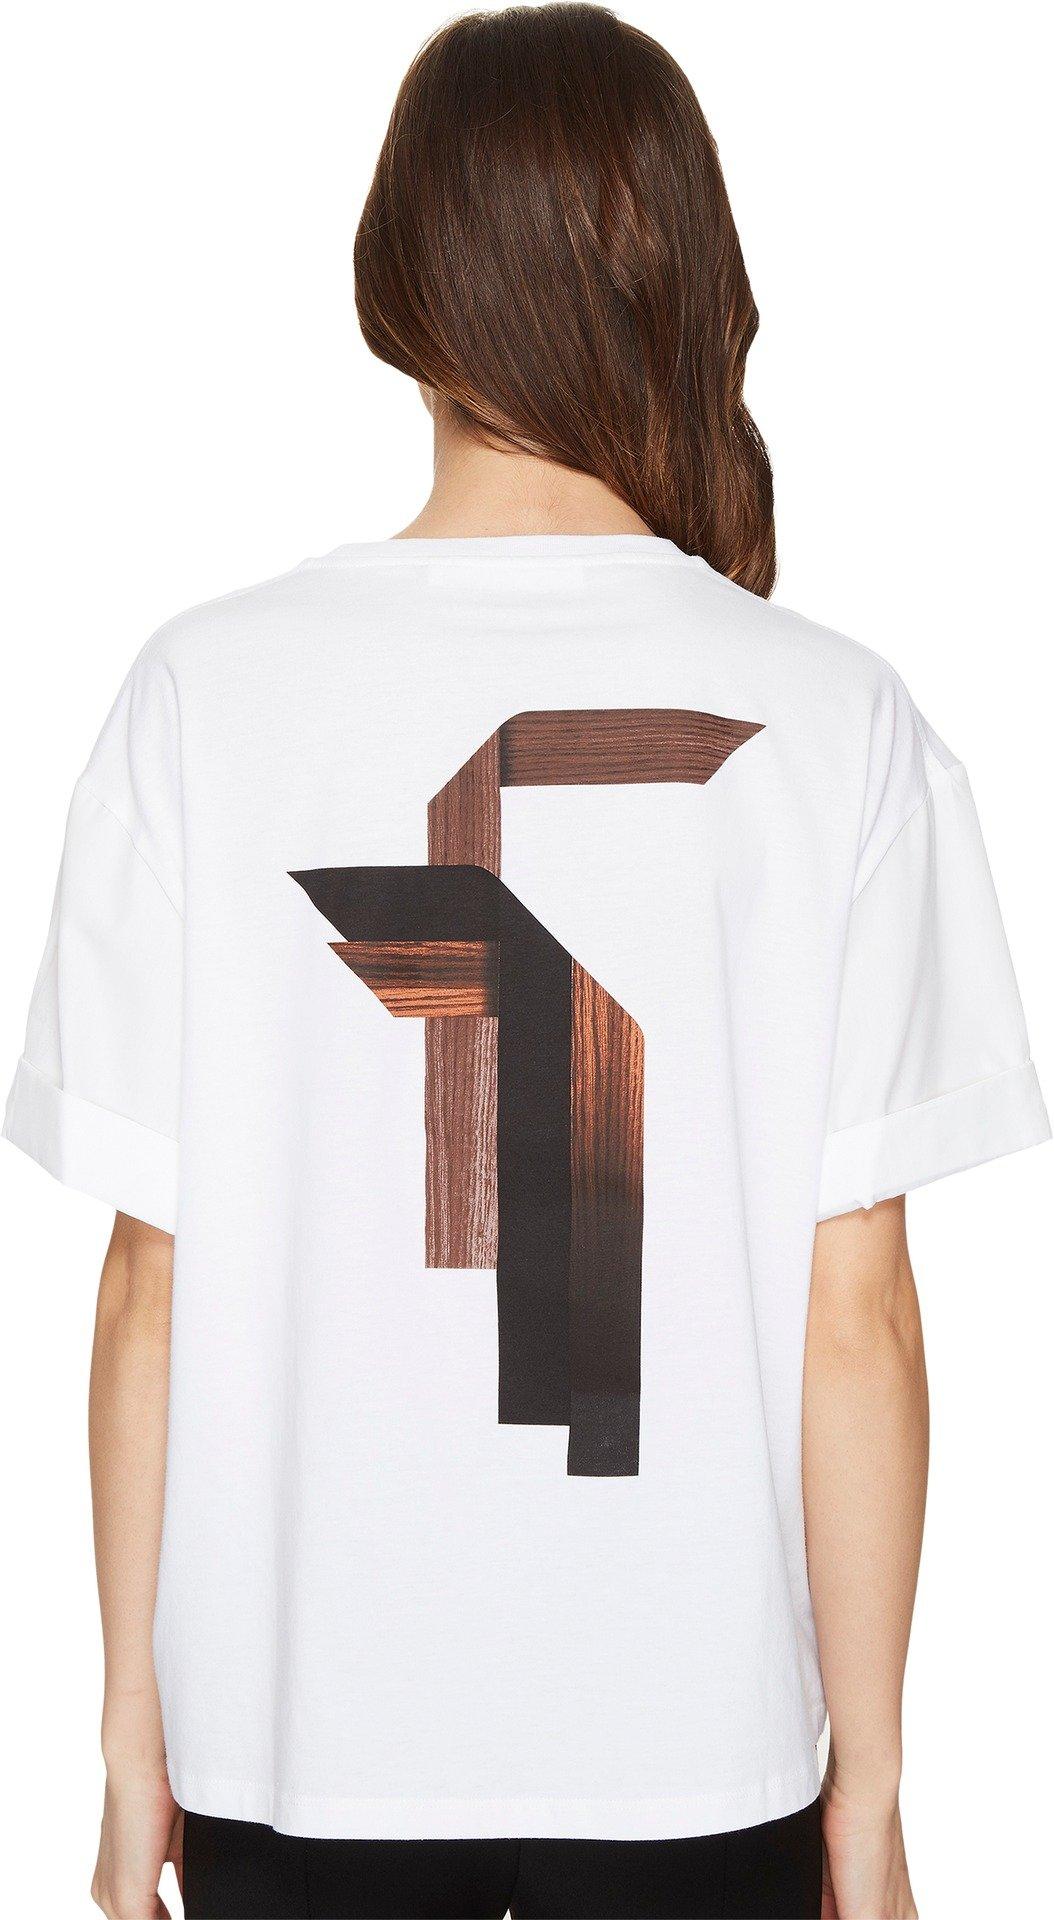 Neil Barrett Women's Sanfor Stripes T-Shirt Jersey + Fine Pop. Stripes T-Shirt White T-Shirt